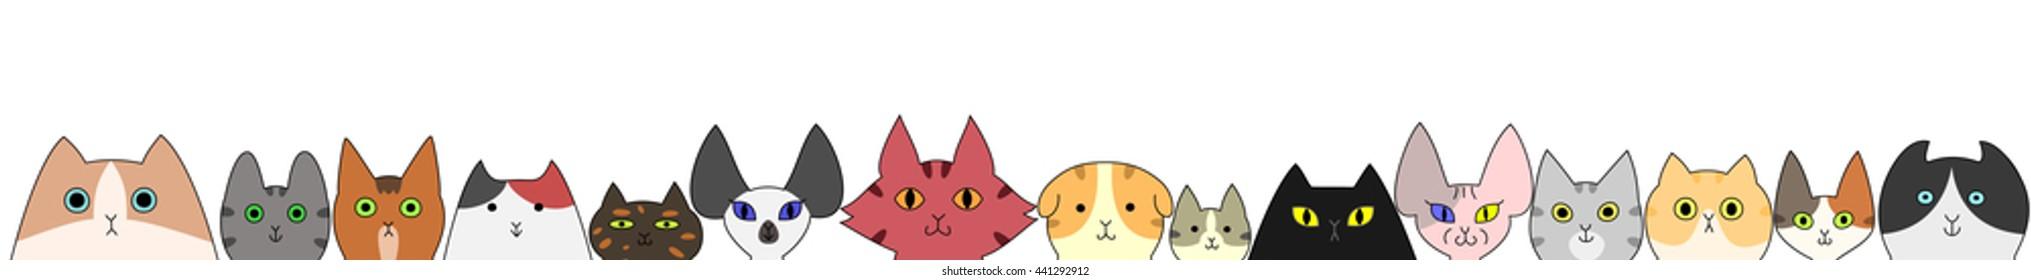 Cat Banner Images, Stock Photos & Vectors | Shutterstock